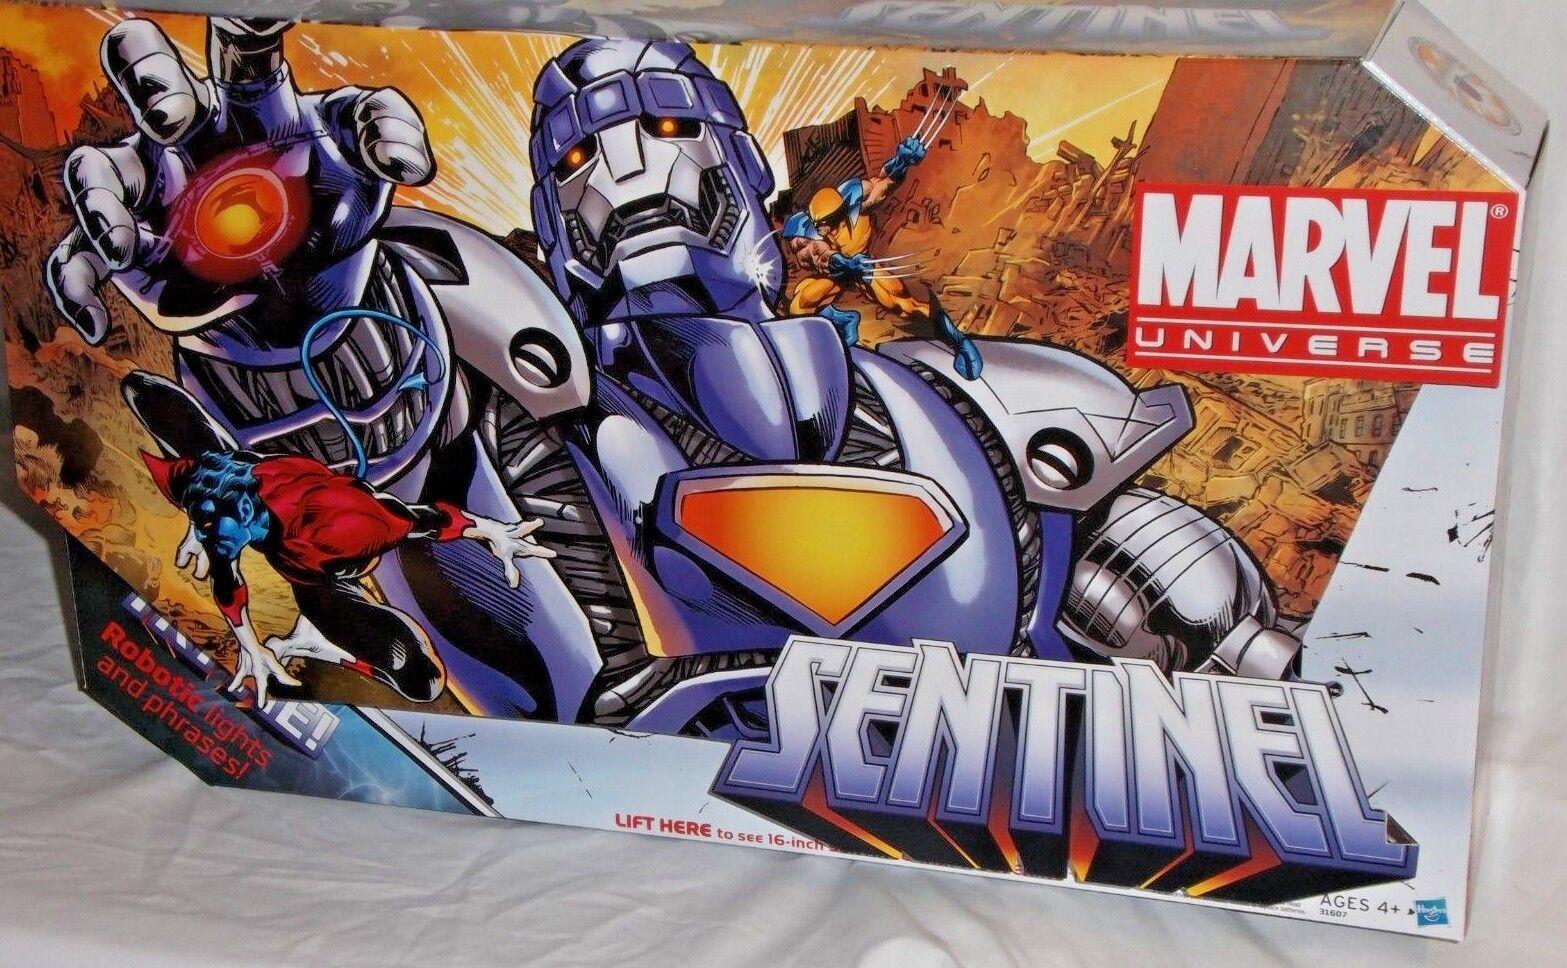 Hasbro Marvel Universe Sentinel X-men Guepardo 16  variante púrpura Figura De Acción